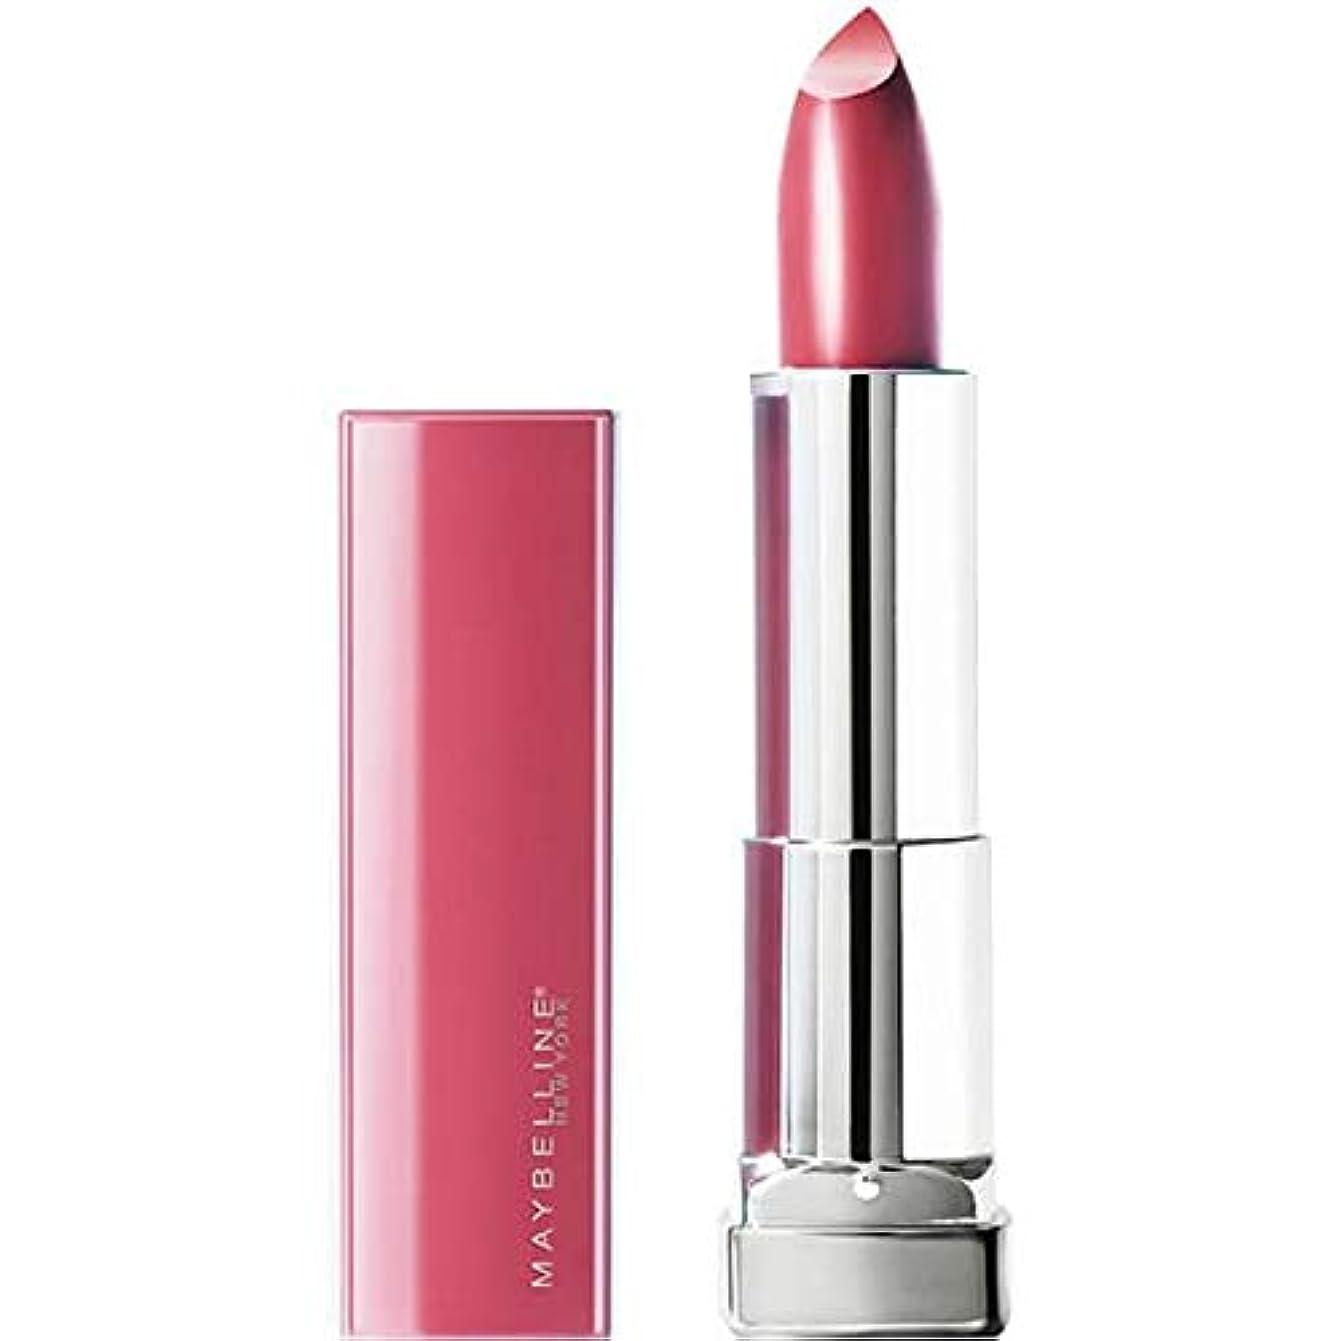 まっすぐにする明確に拒絶[Maybelline ] メイベリンの色はセンセーショナルな私のためにすべての376ピンクのために作られました - Maybelline Color Sensational Made For All 376 Pink For Me [並行輸入品]